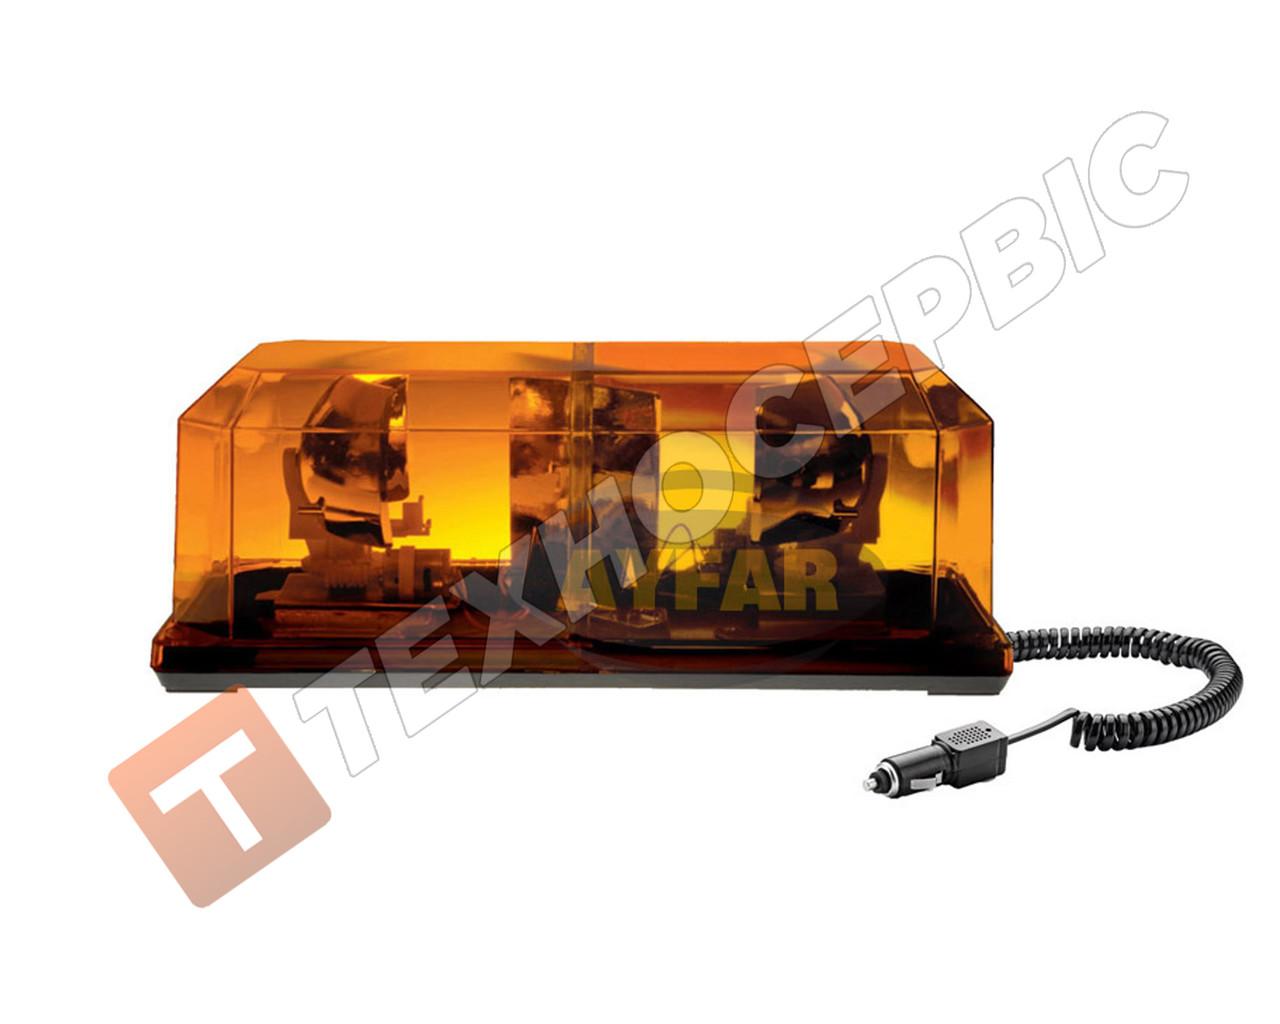 Проблесковый маячок оранжевый 12 вольт (мигалка) магнитное крепление на 2 лампы  AYFAR TR515-3